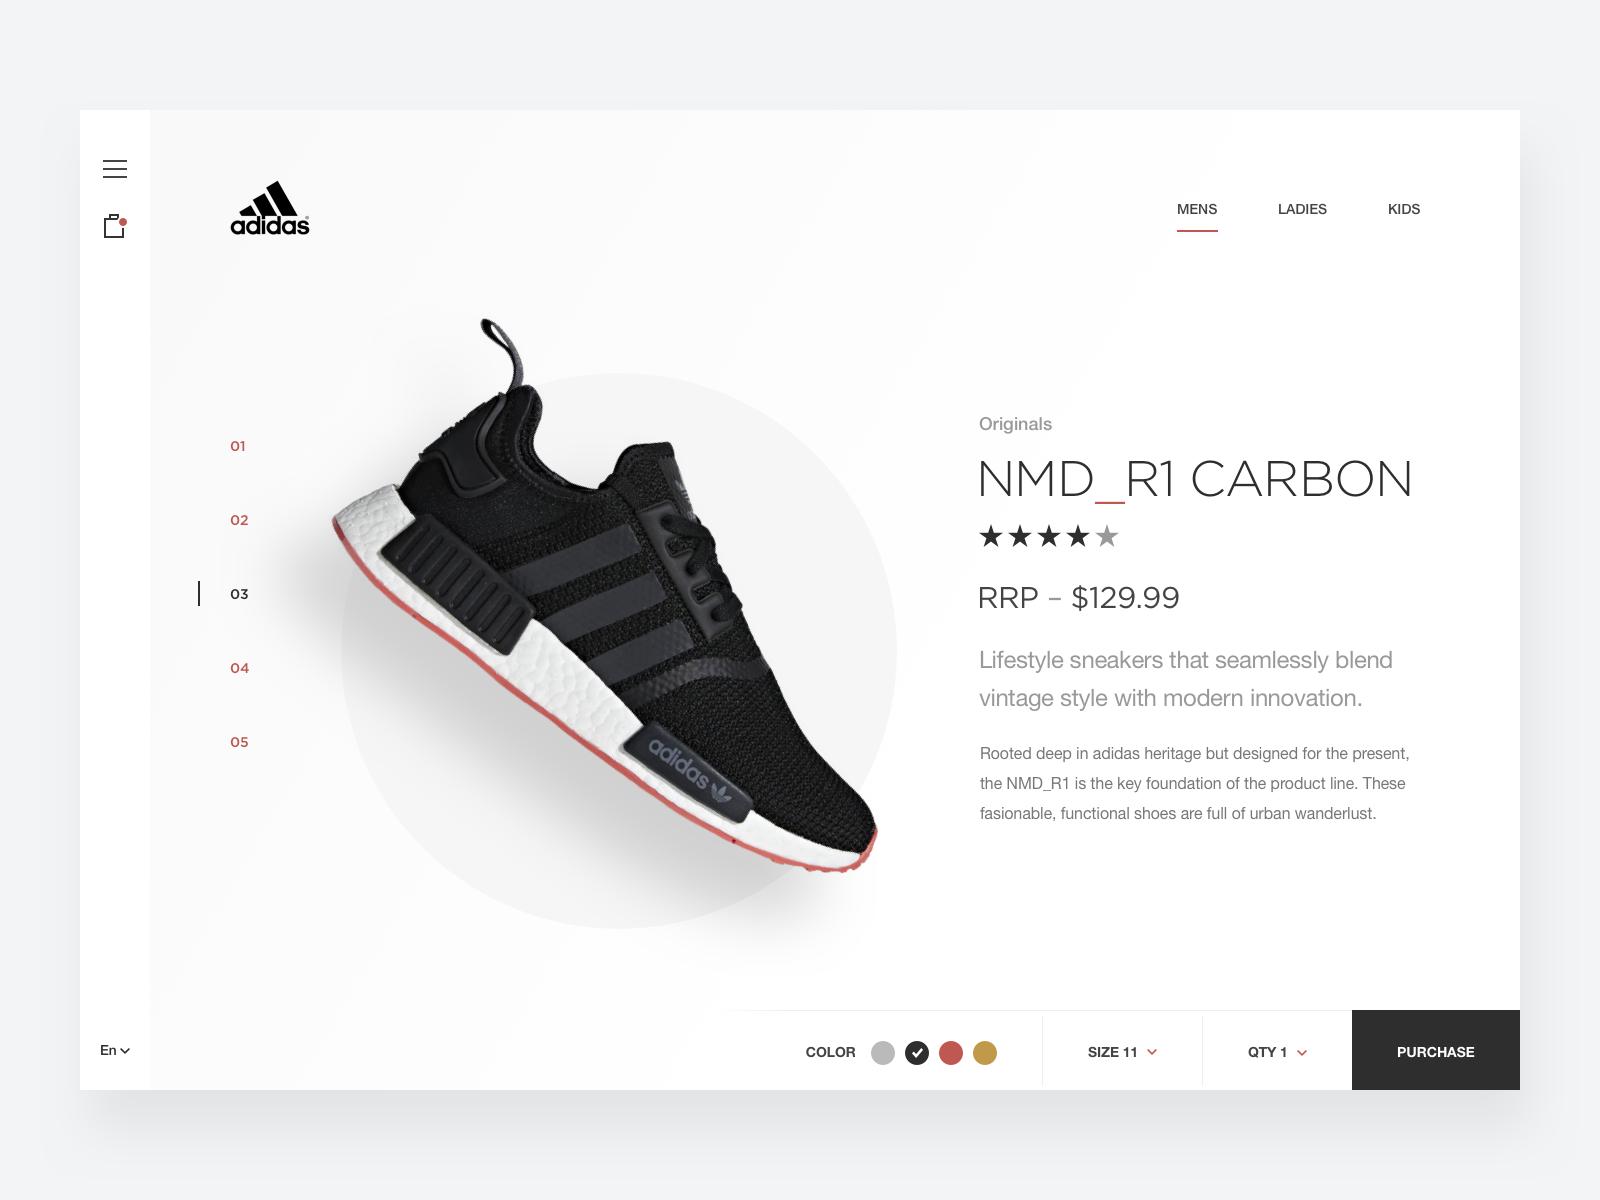 Adidas concept 2 4x